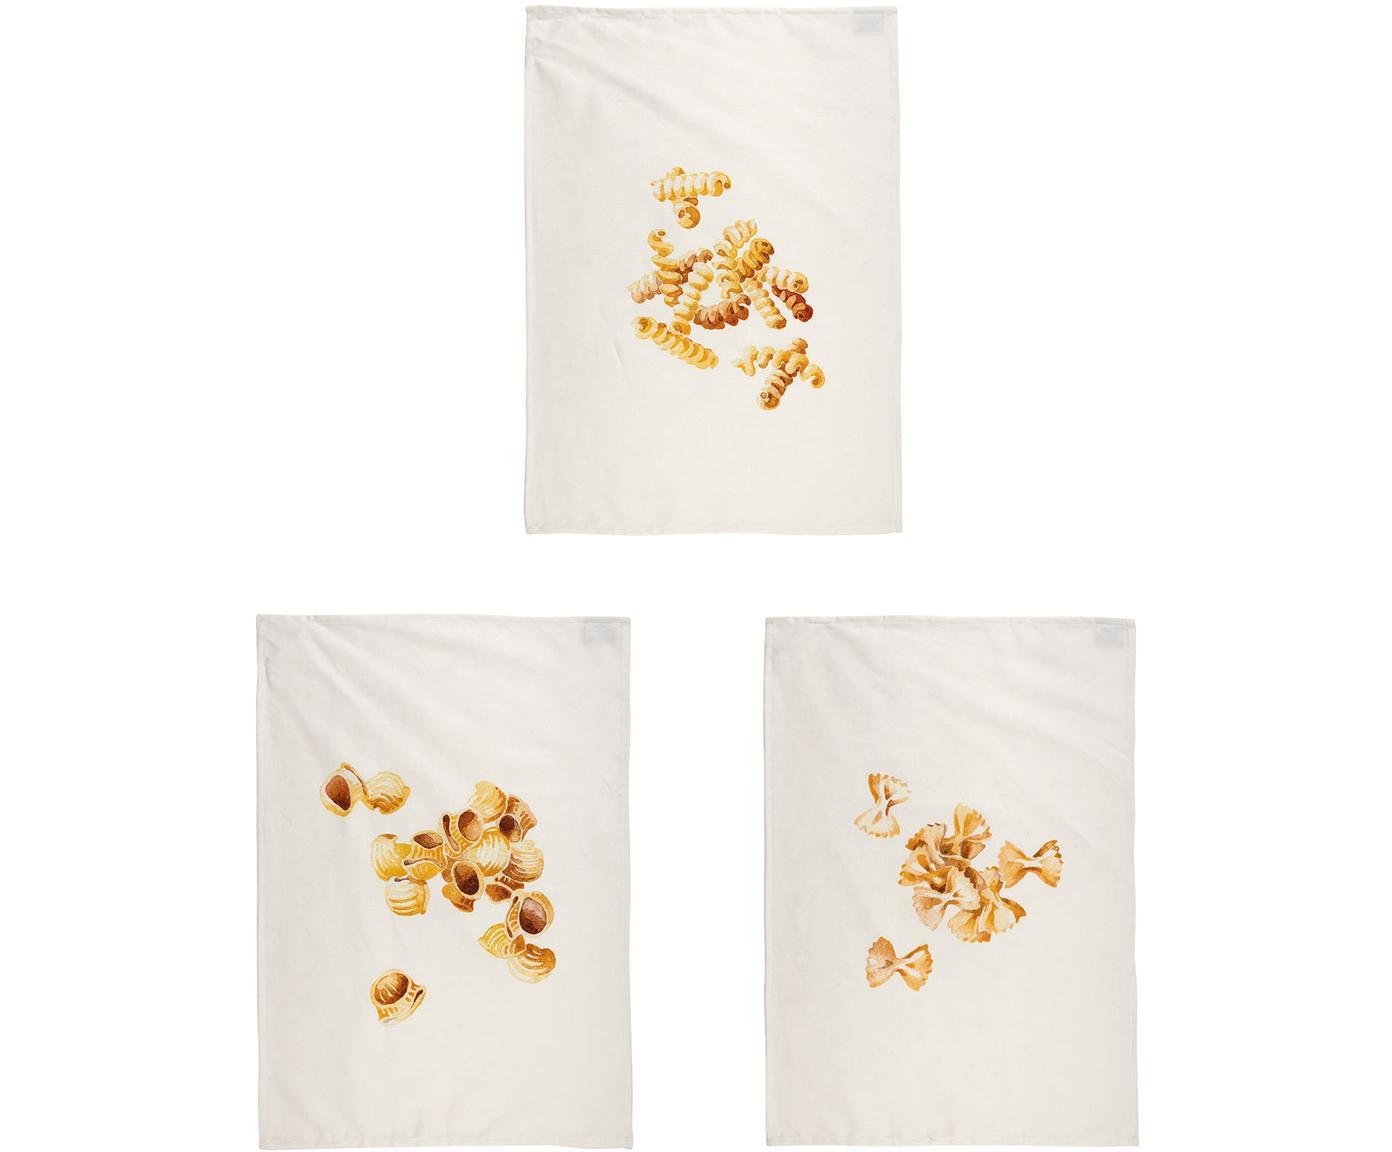 Paños de cocina Pasta, 3uds., 100%algodón, Blanco, amarillo, An 50 x L 70 cm